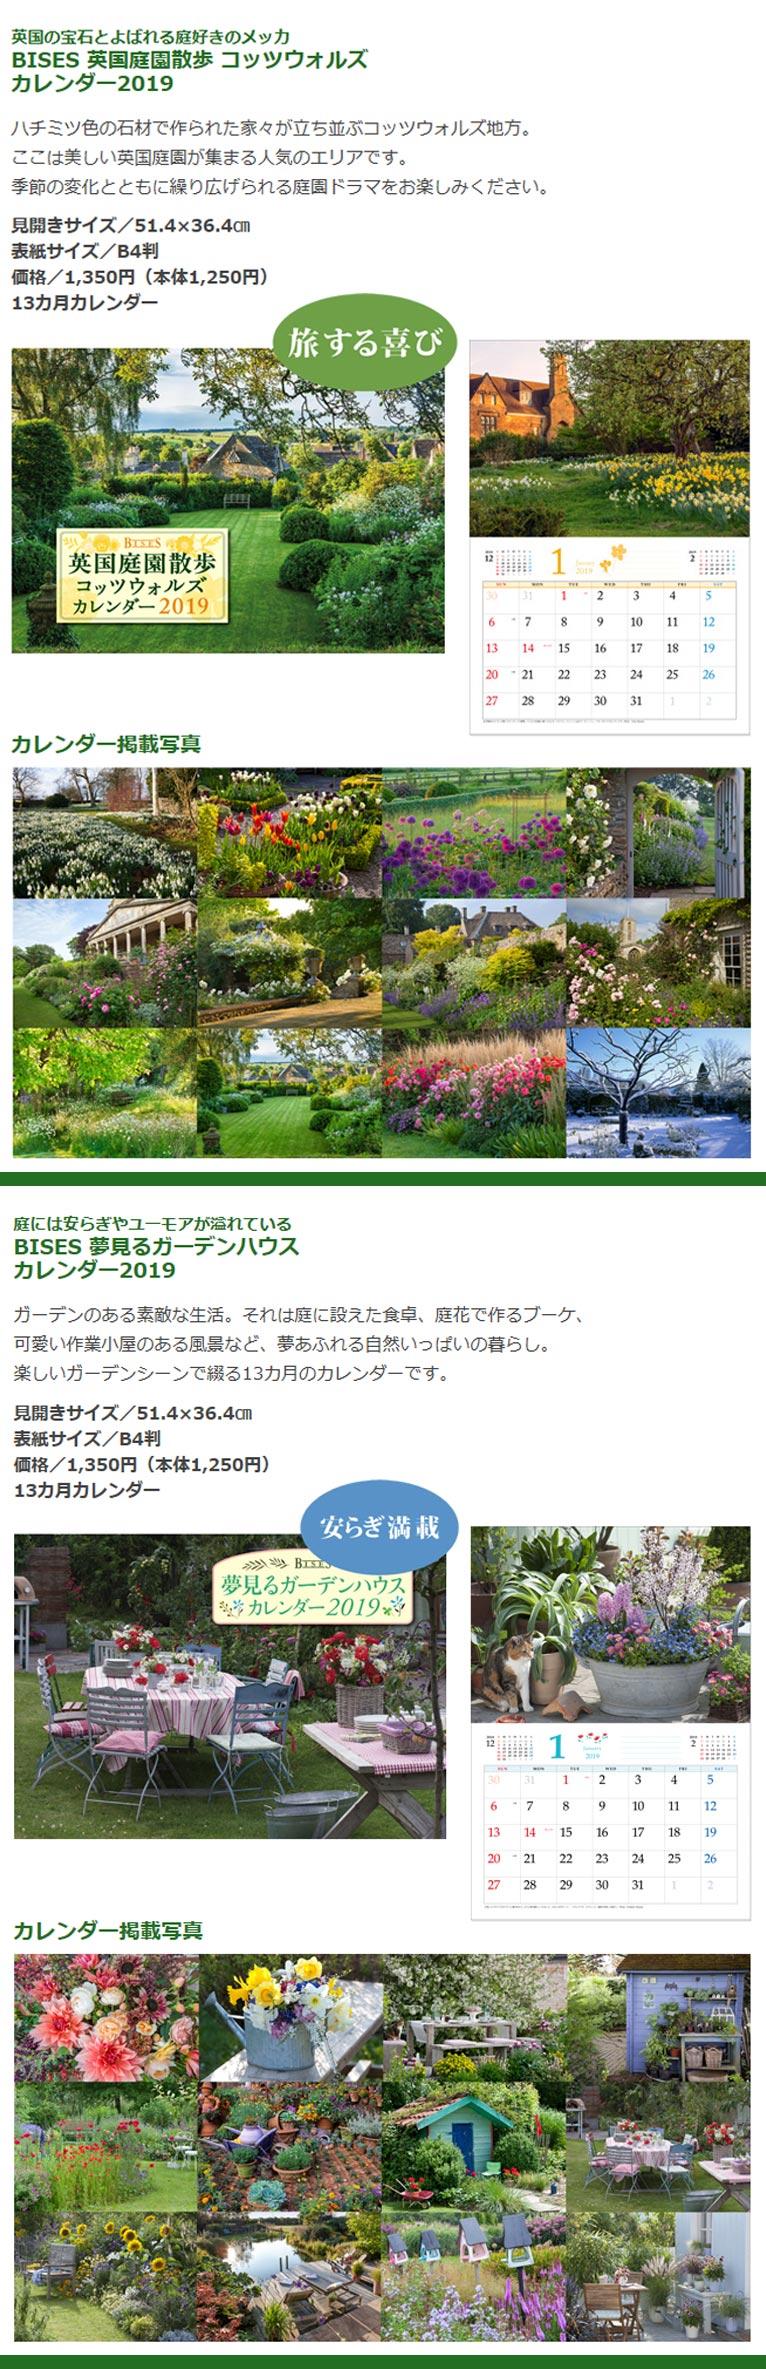 BISESオリジナル2019カレンダー4タイプ9月18日発売!